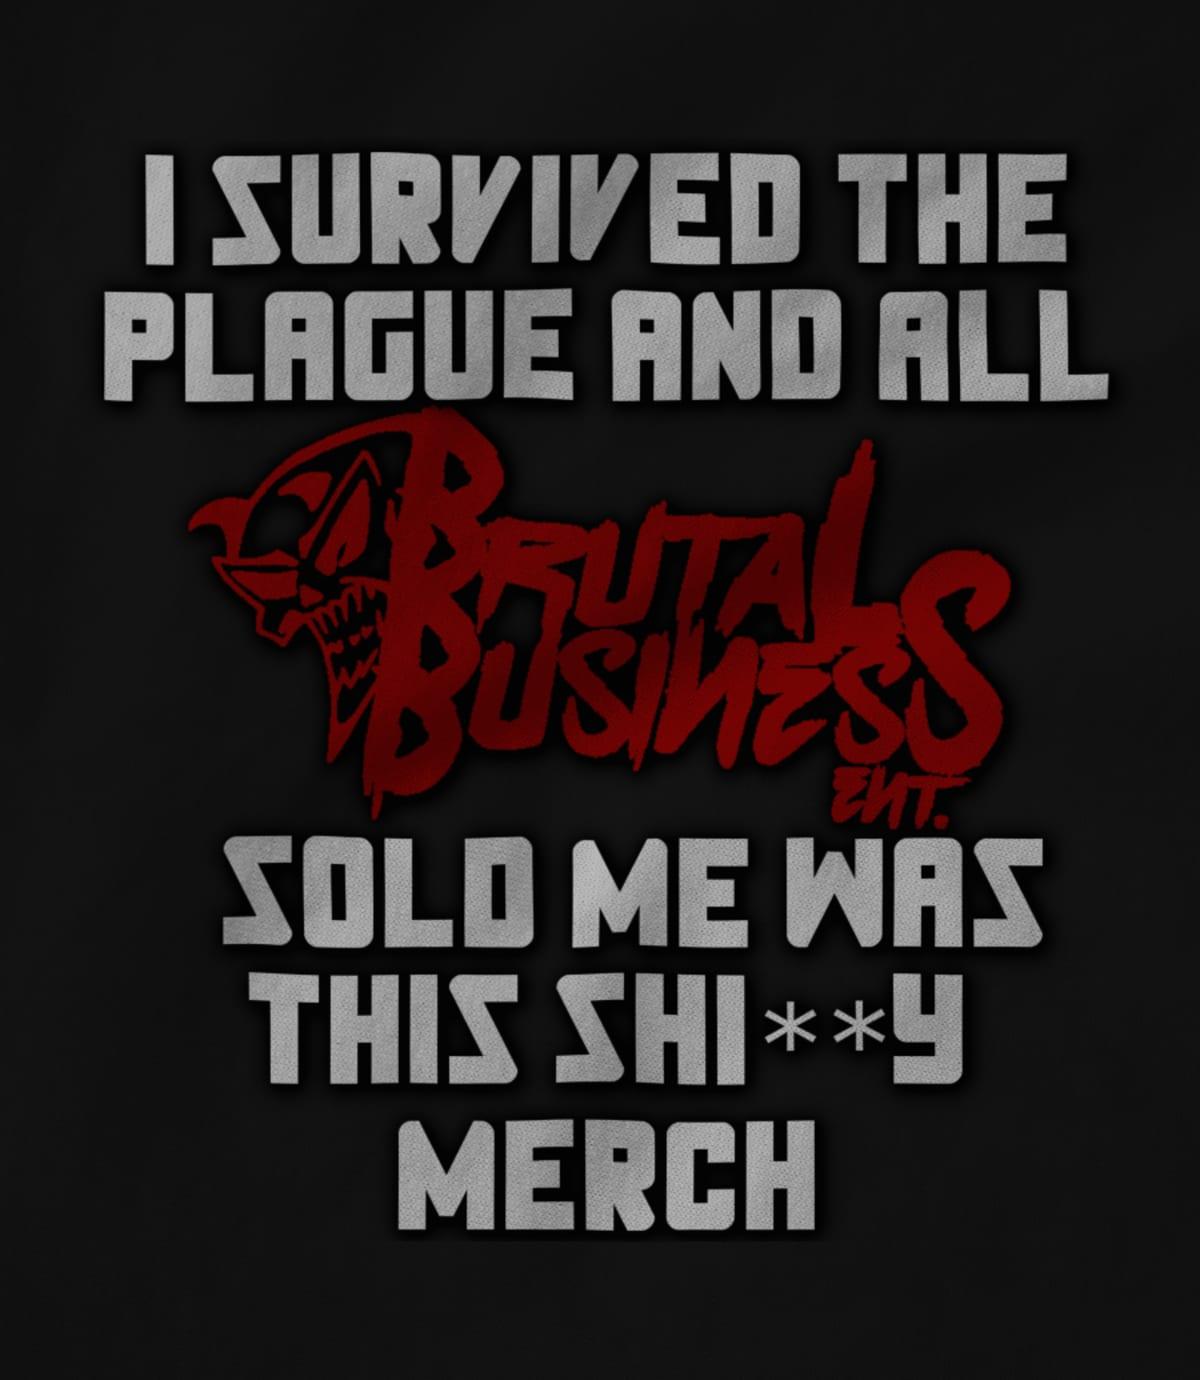 Brutal Business Ent